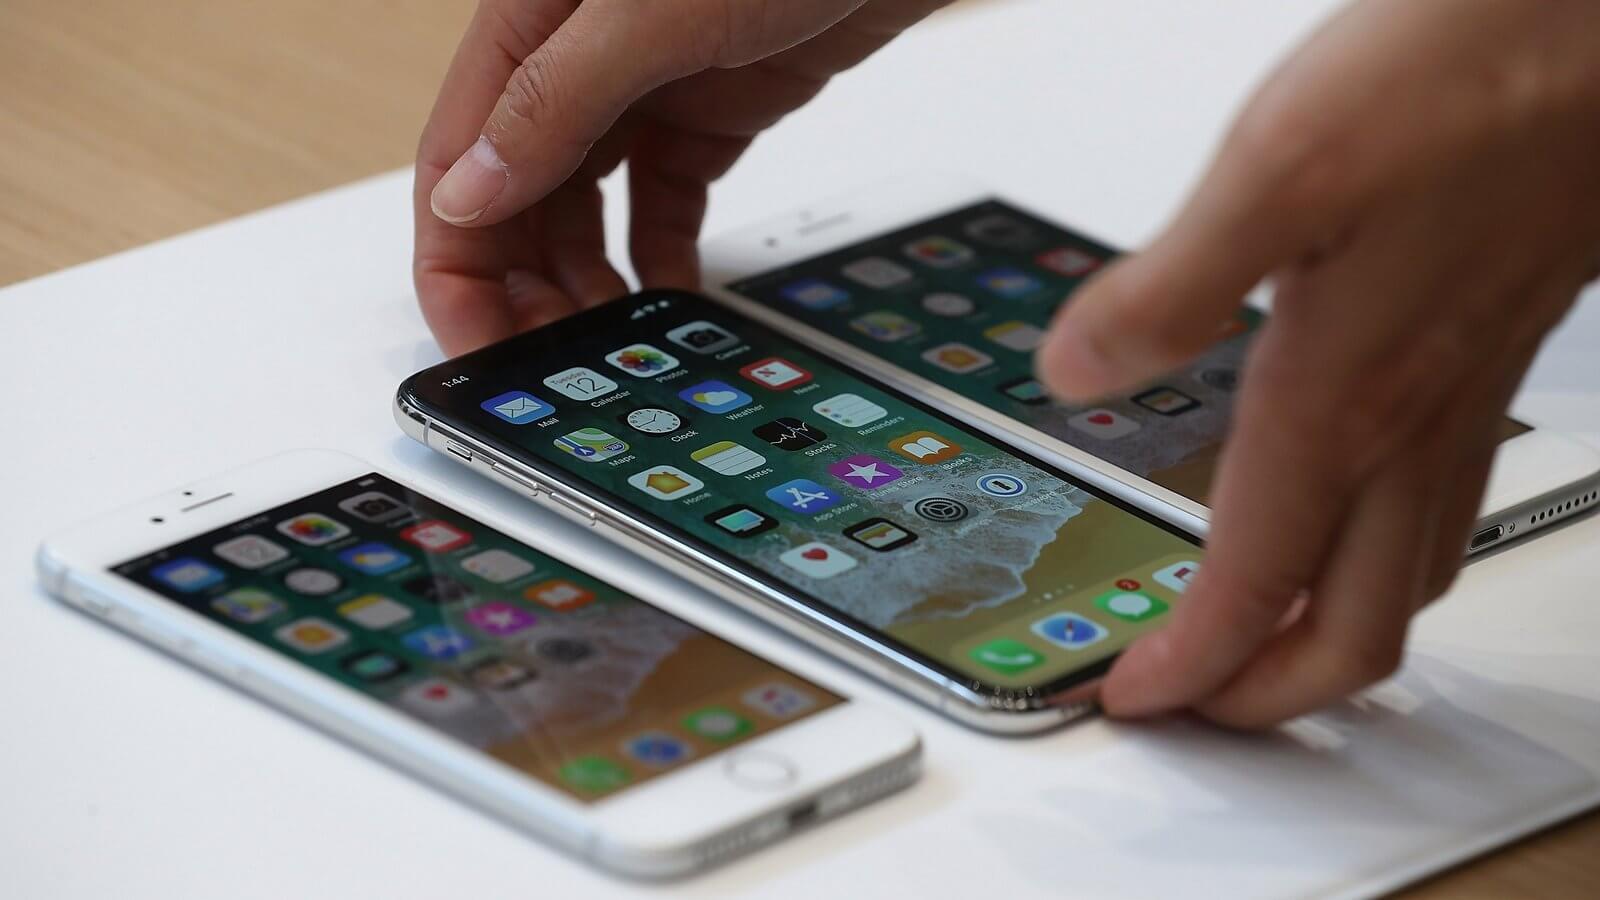 #Видео: iPhone X признали самым хрупким смартфоном компании